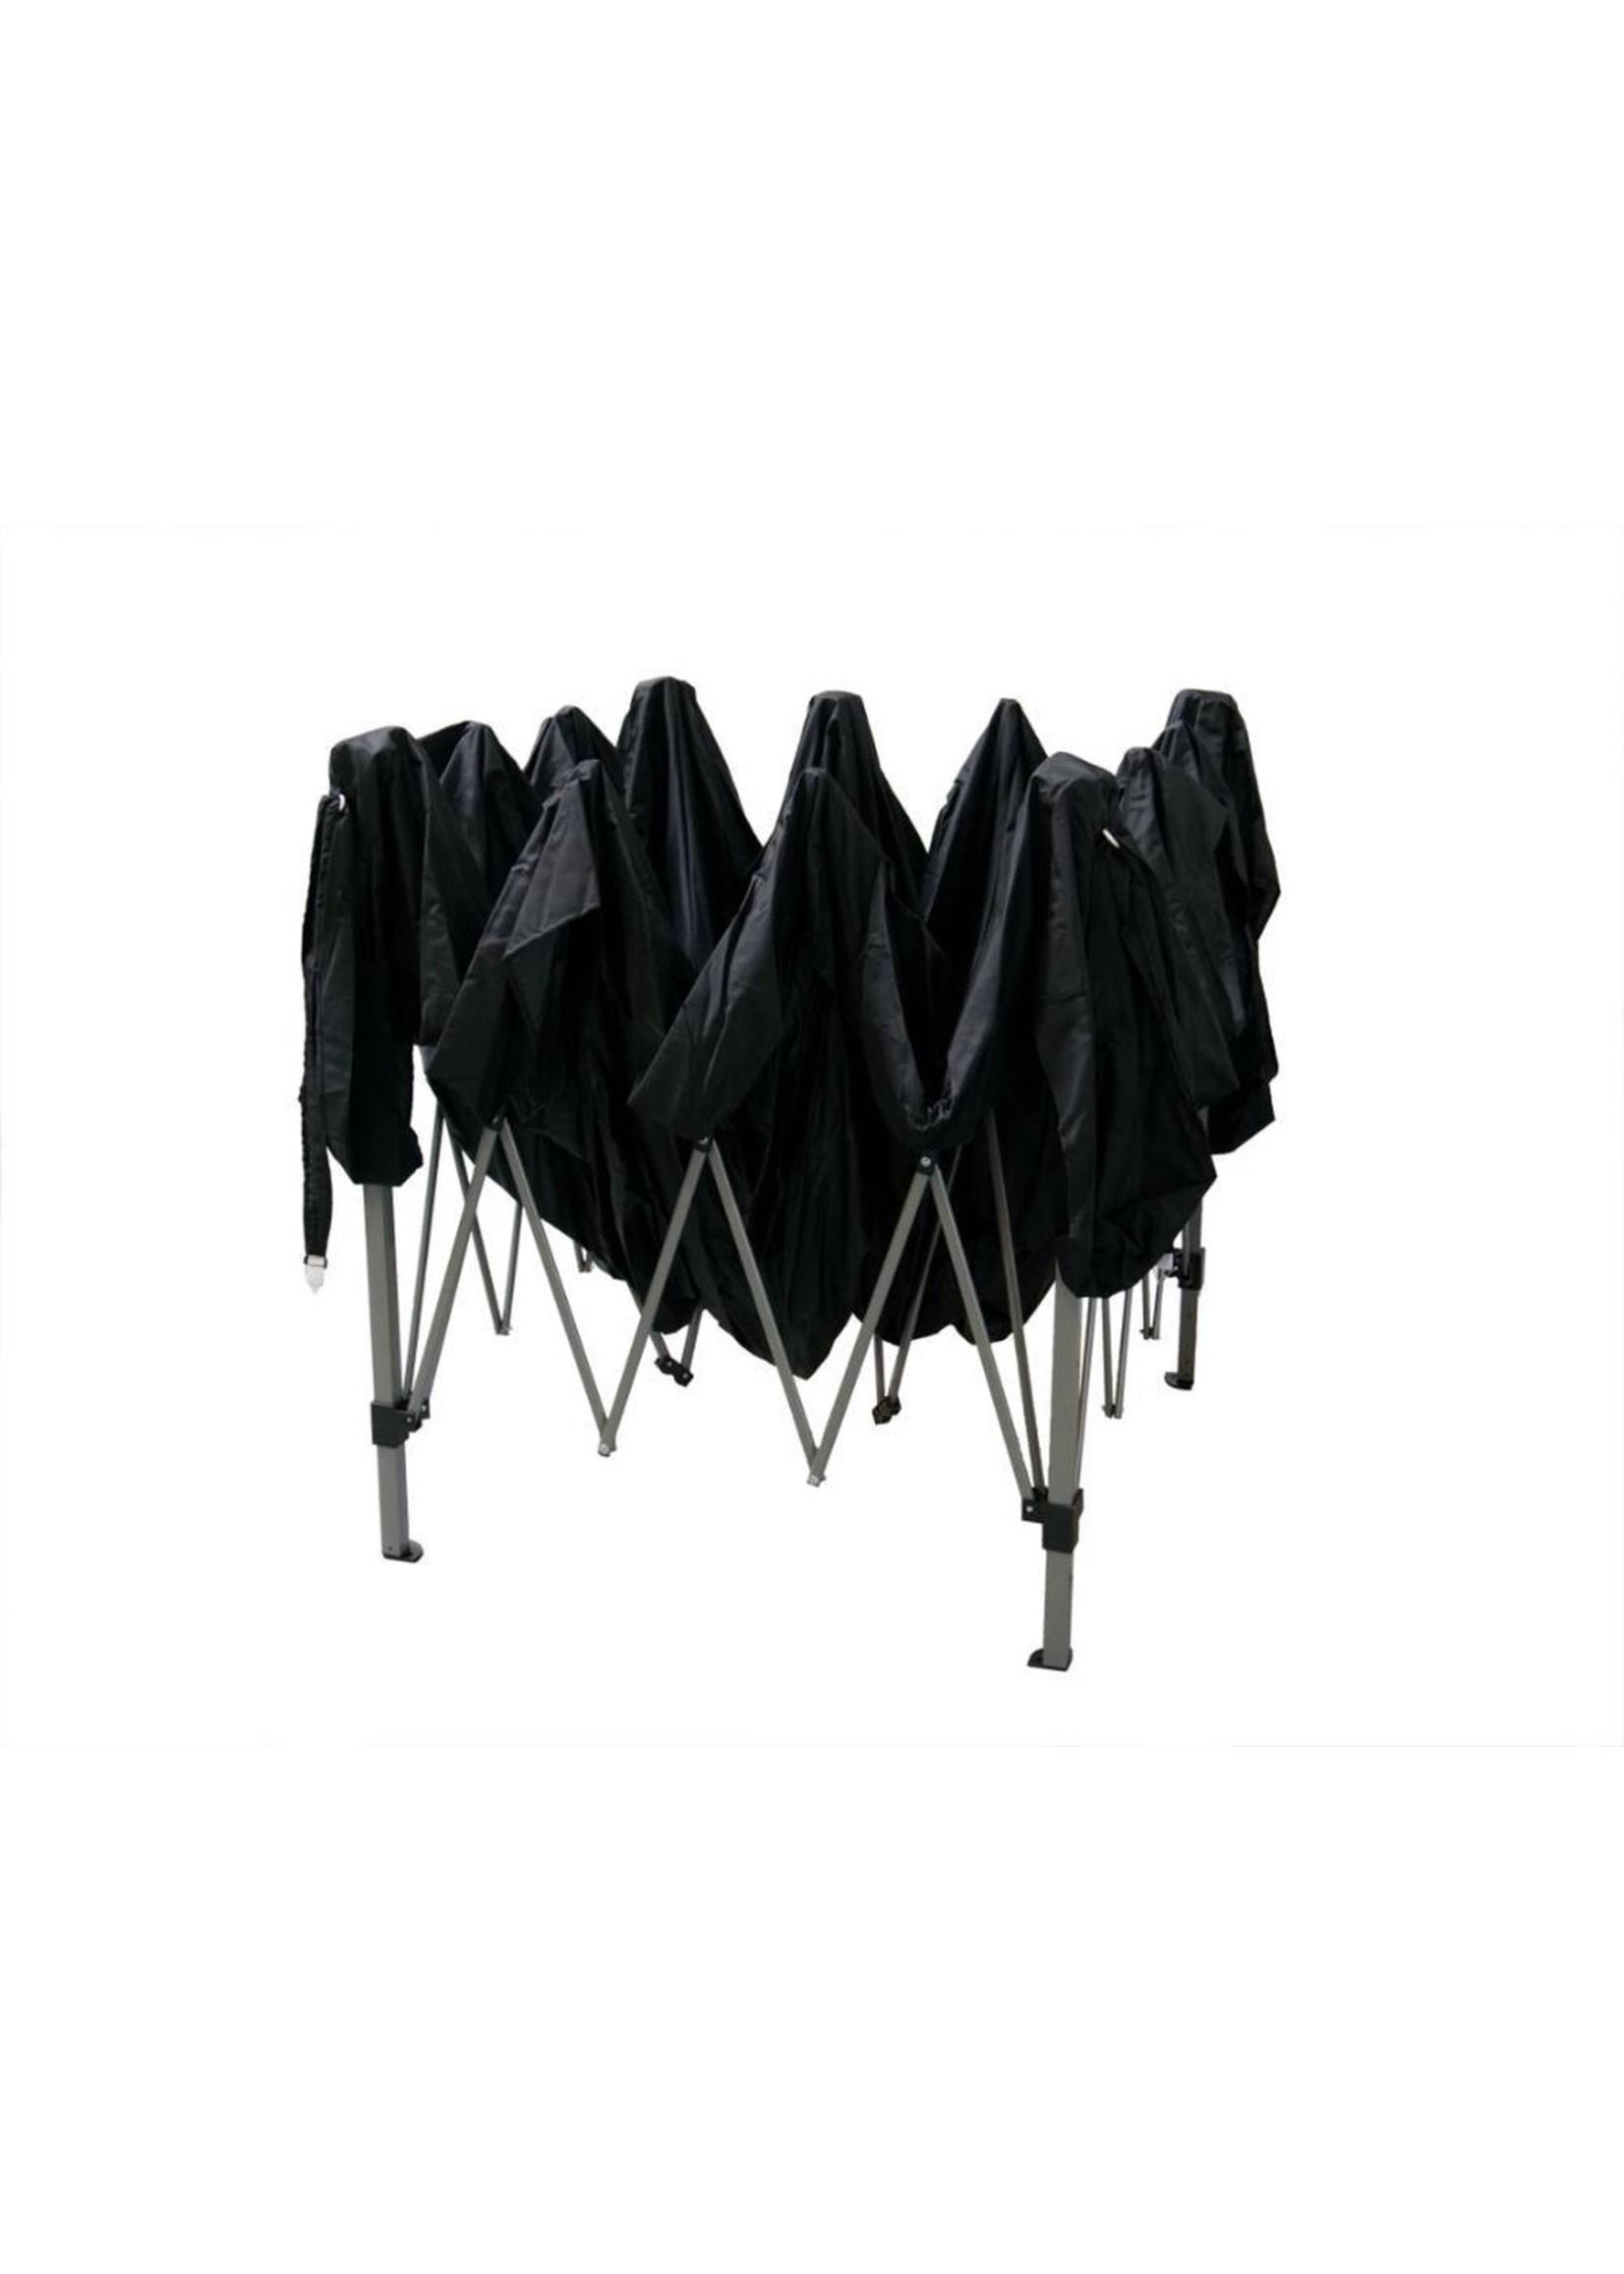 Garden Royal Garden Royal Partytent 3x3m Easy Up zwart met 2 zijwanden koopjeshoek